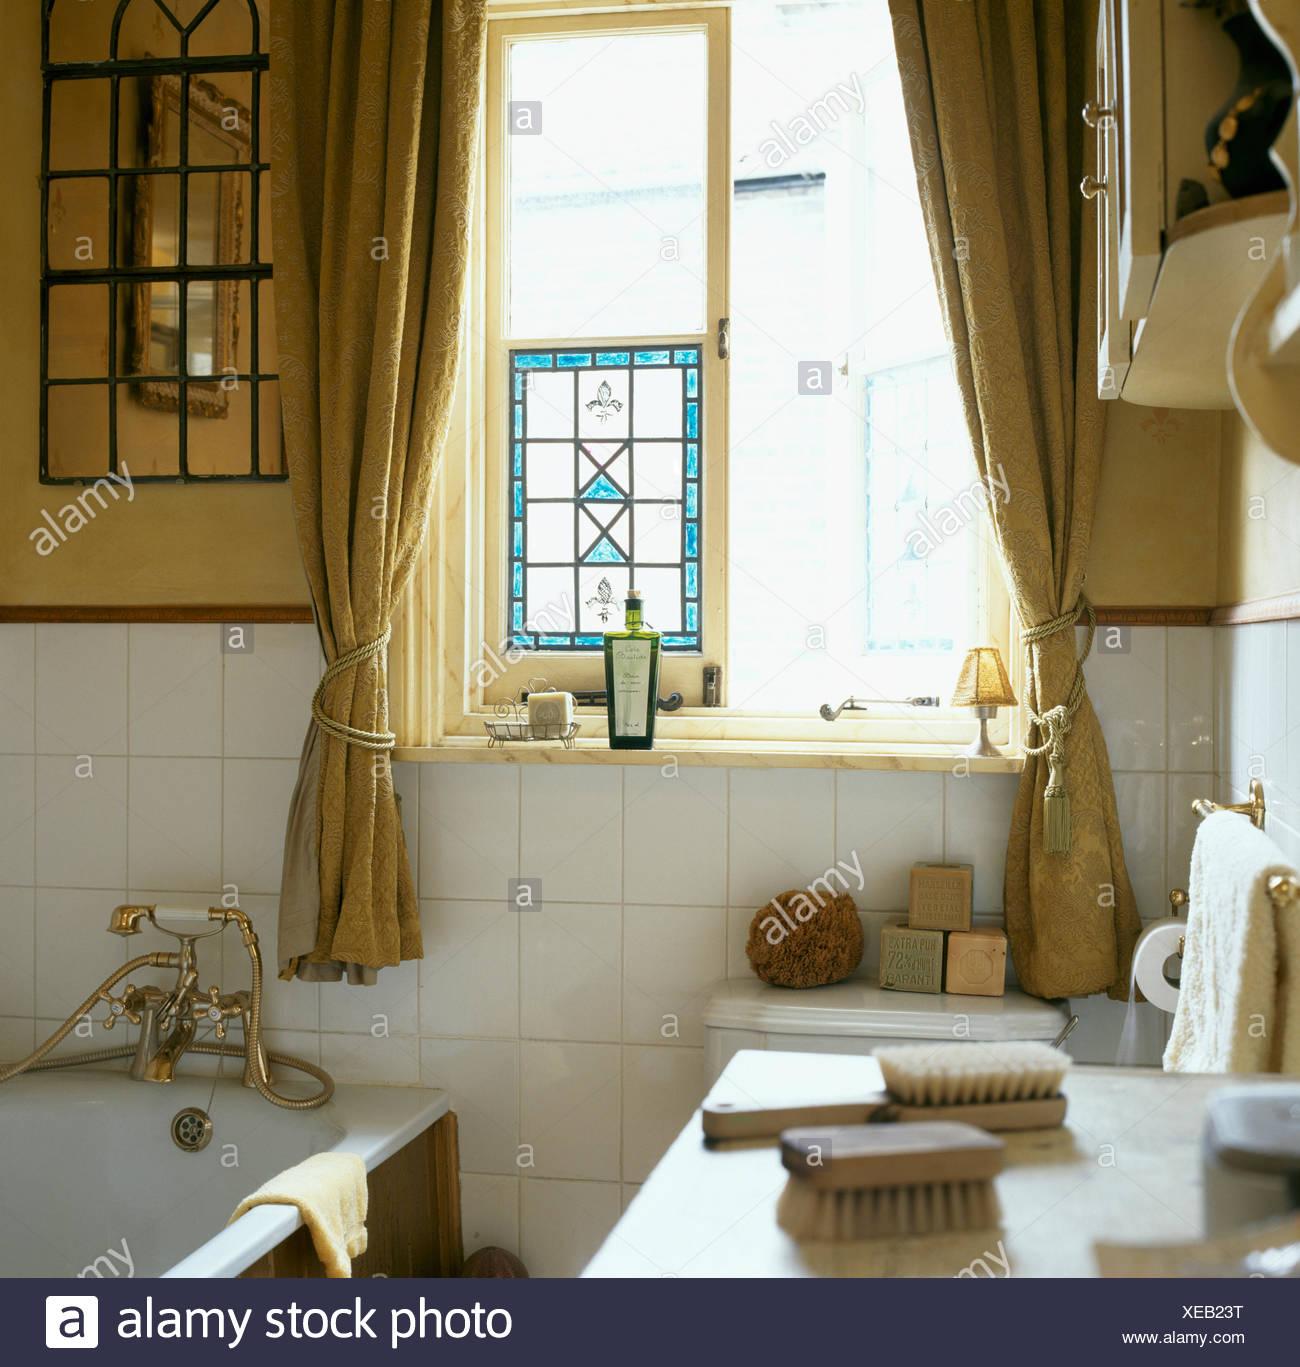 Pa s ba o con vidrieras de colores en la ventana panel de azulejos blancos y en la pared encima - Alicatar encima de azulejos ...